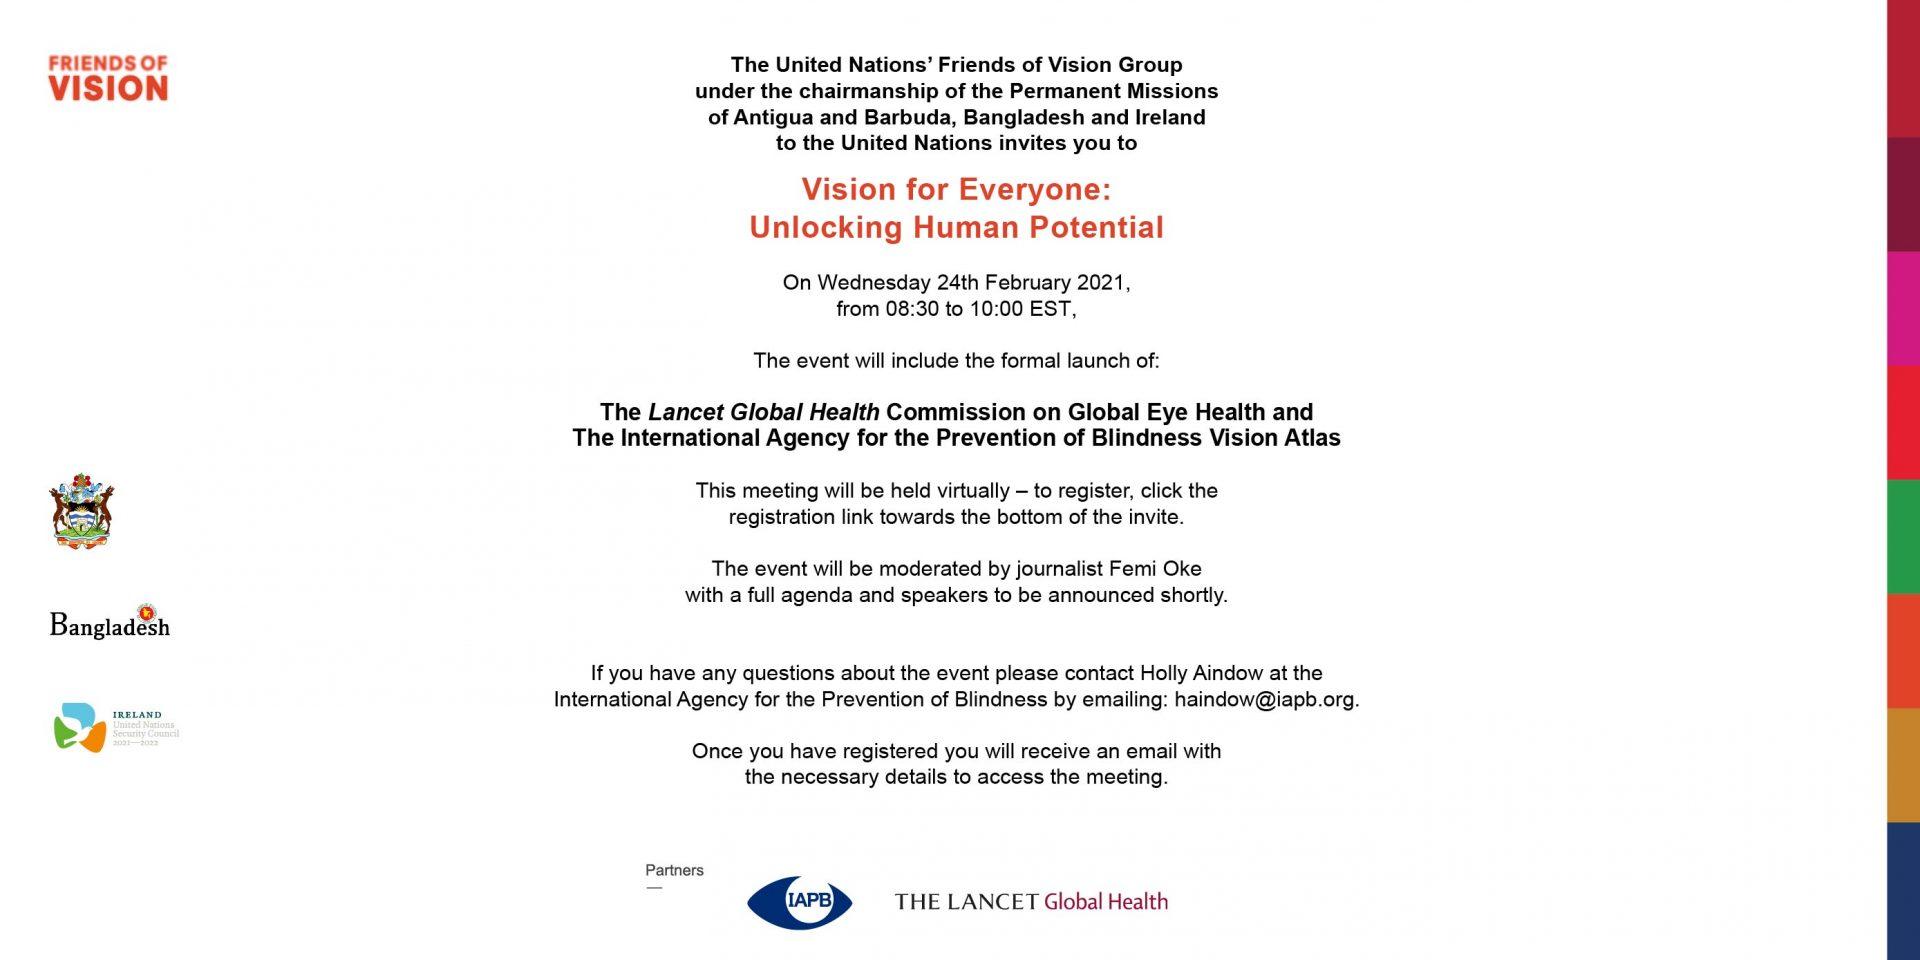 UNFoV invite